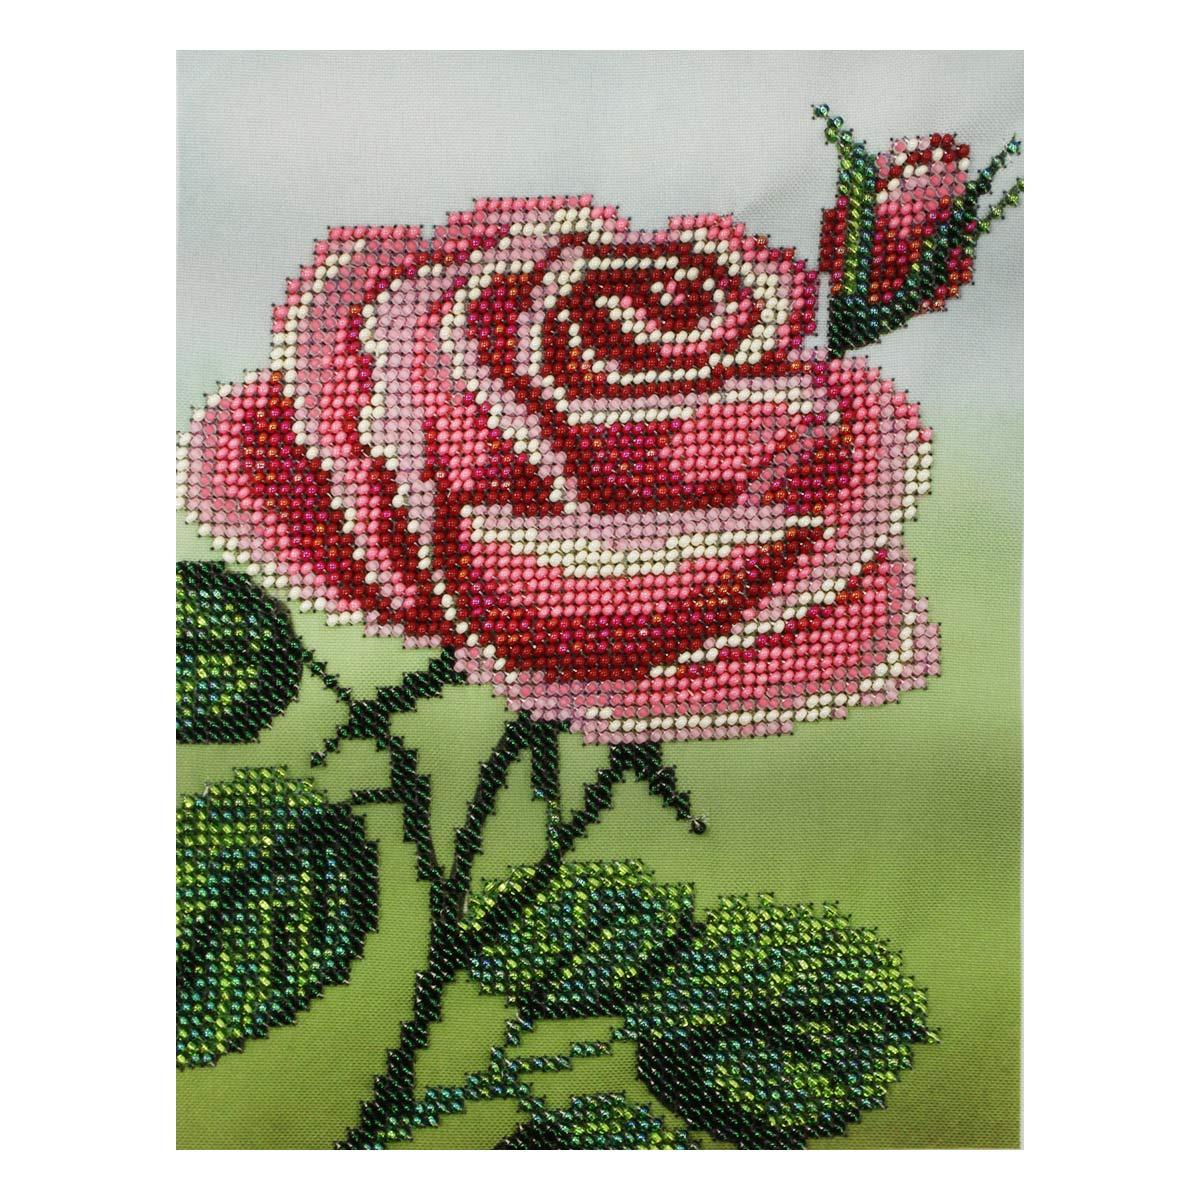 Б-0103 Набор для вышивания бисером 'Бисеринка' 'Розовая роза', 14*18,5 см